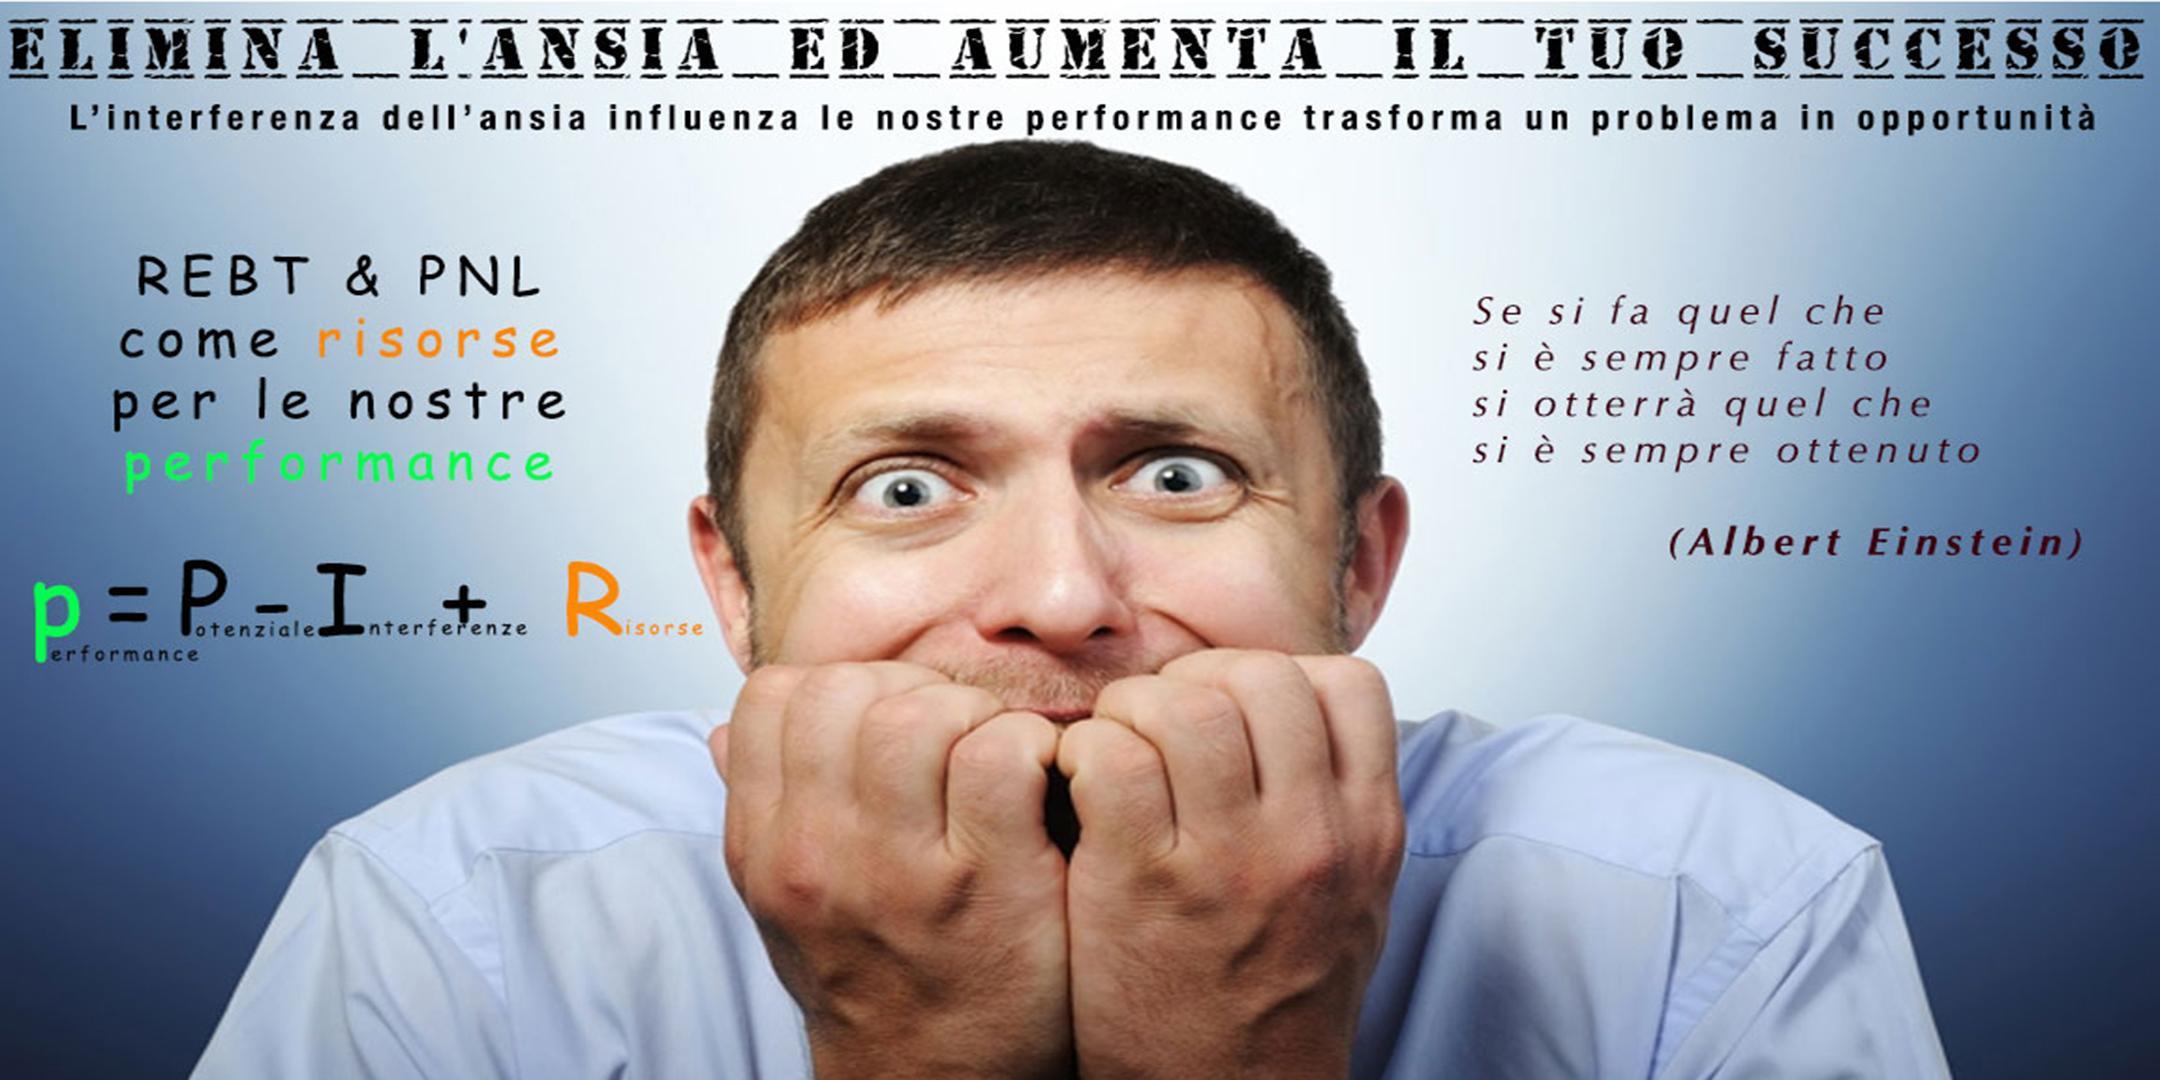 Elimina l'ansia e aumenta il tuo successo a R